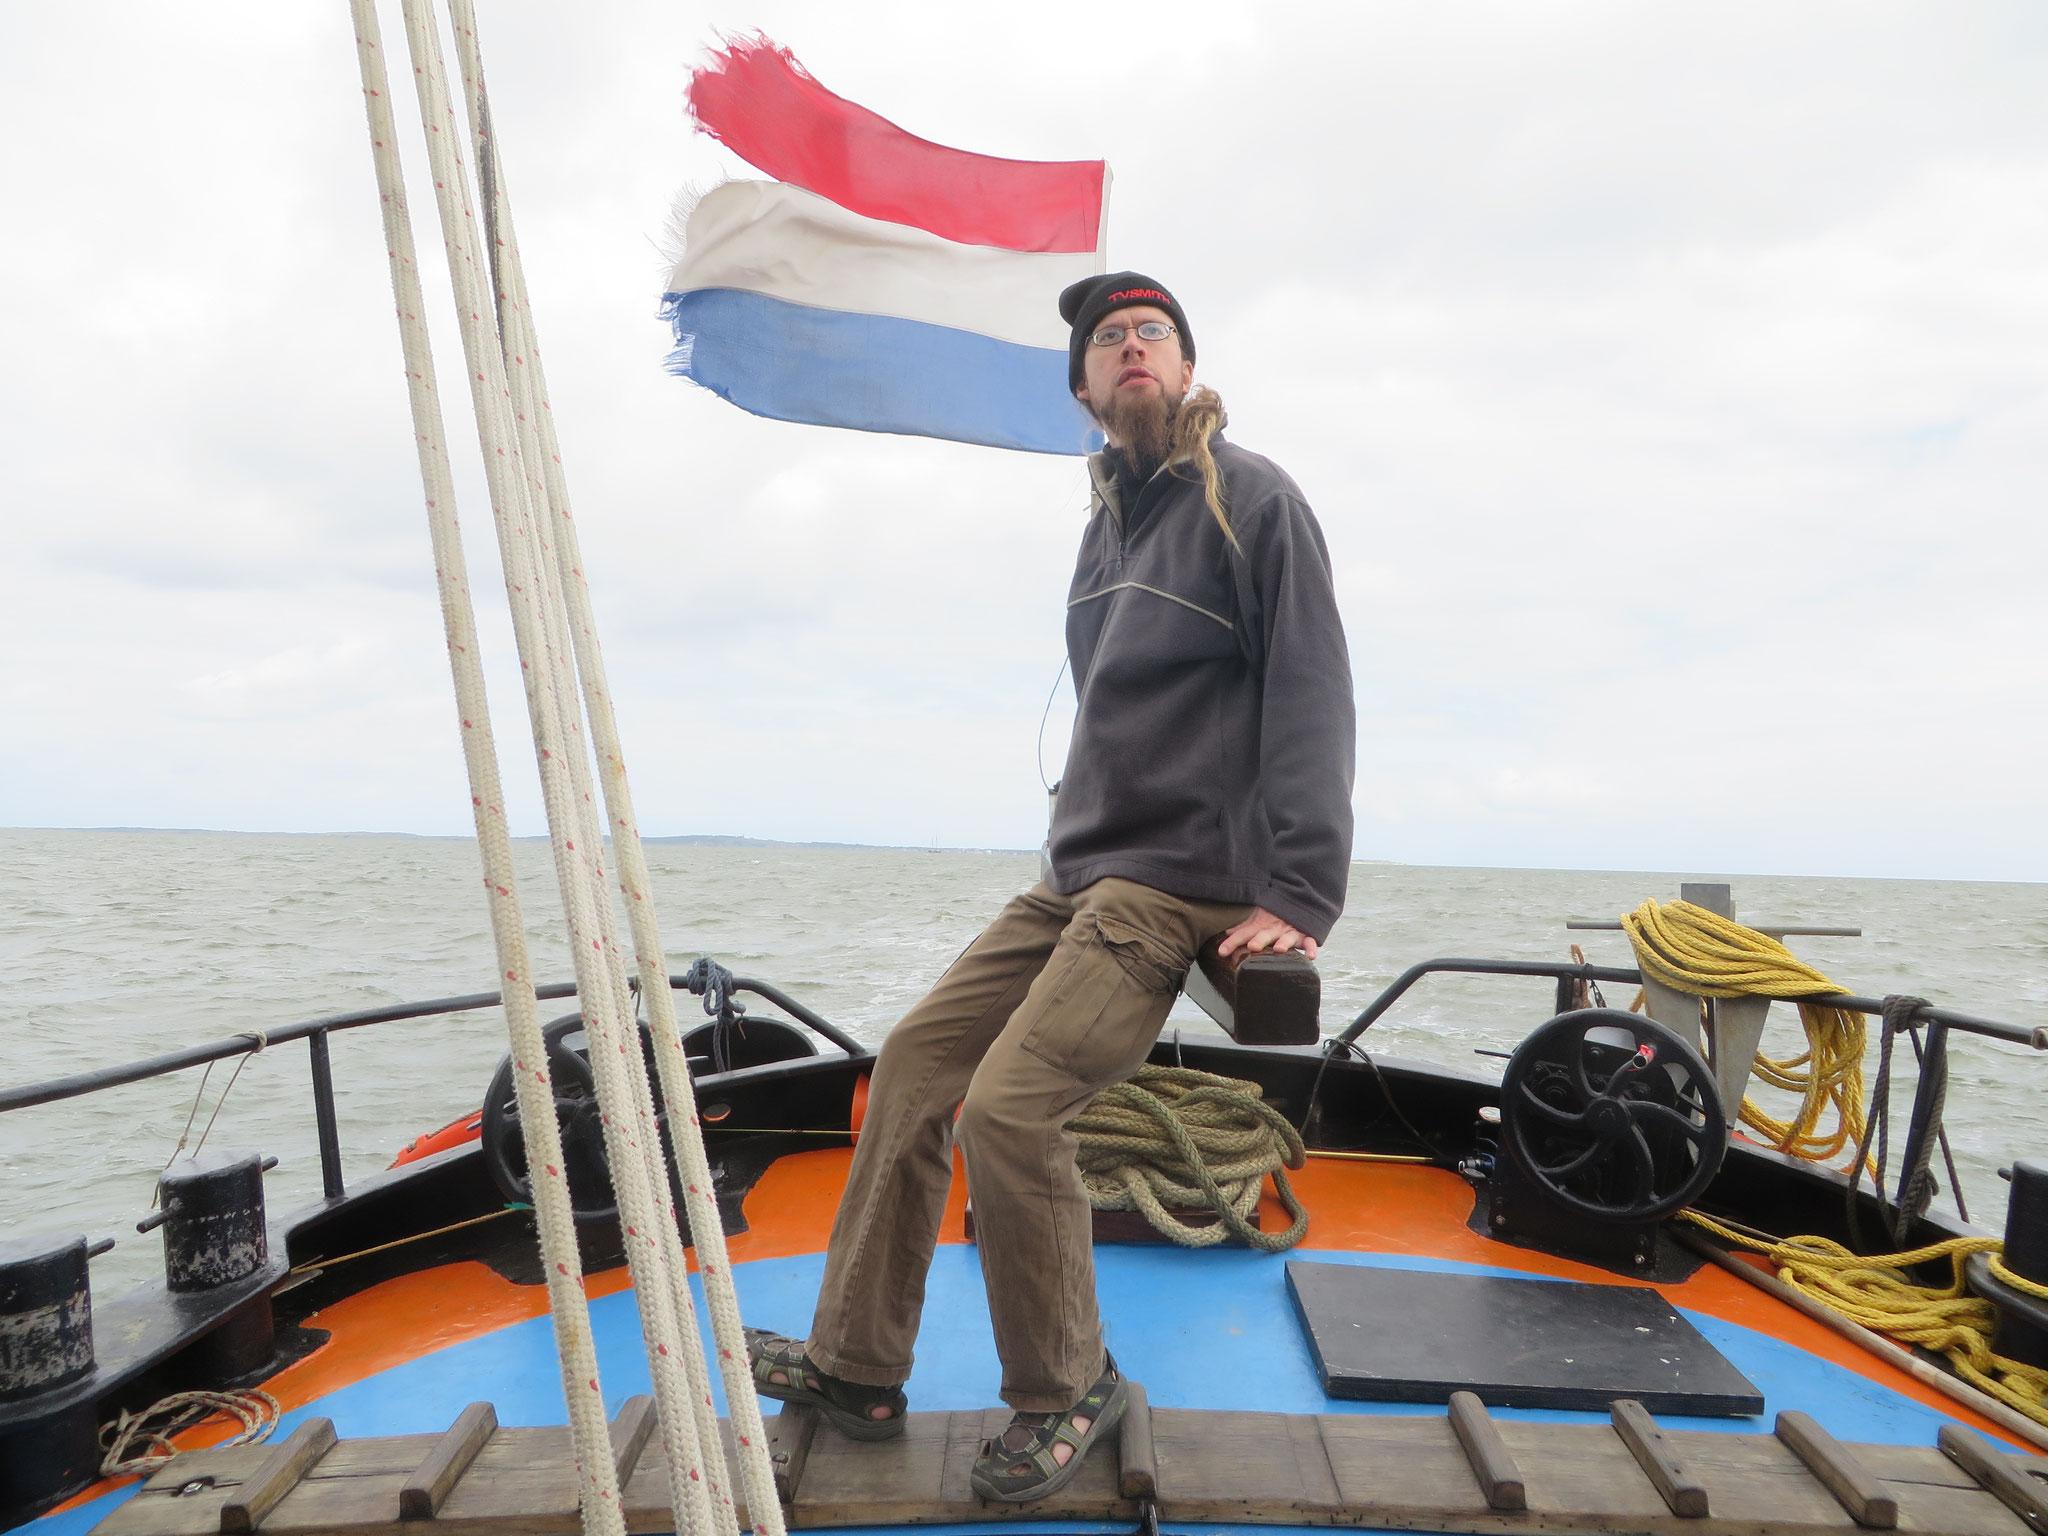 Auf dem Plattbodensegelschiff Ouderzorg im niederländischen Wattenmeer